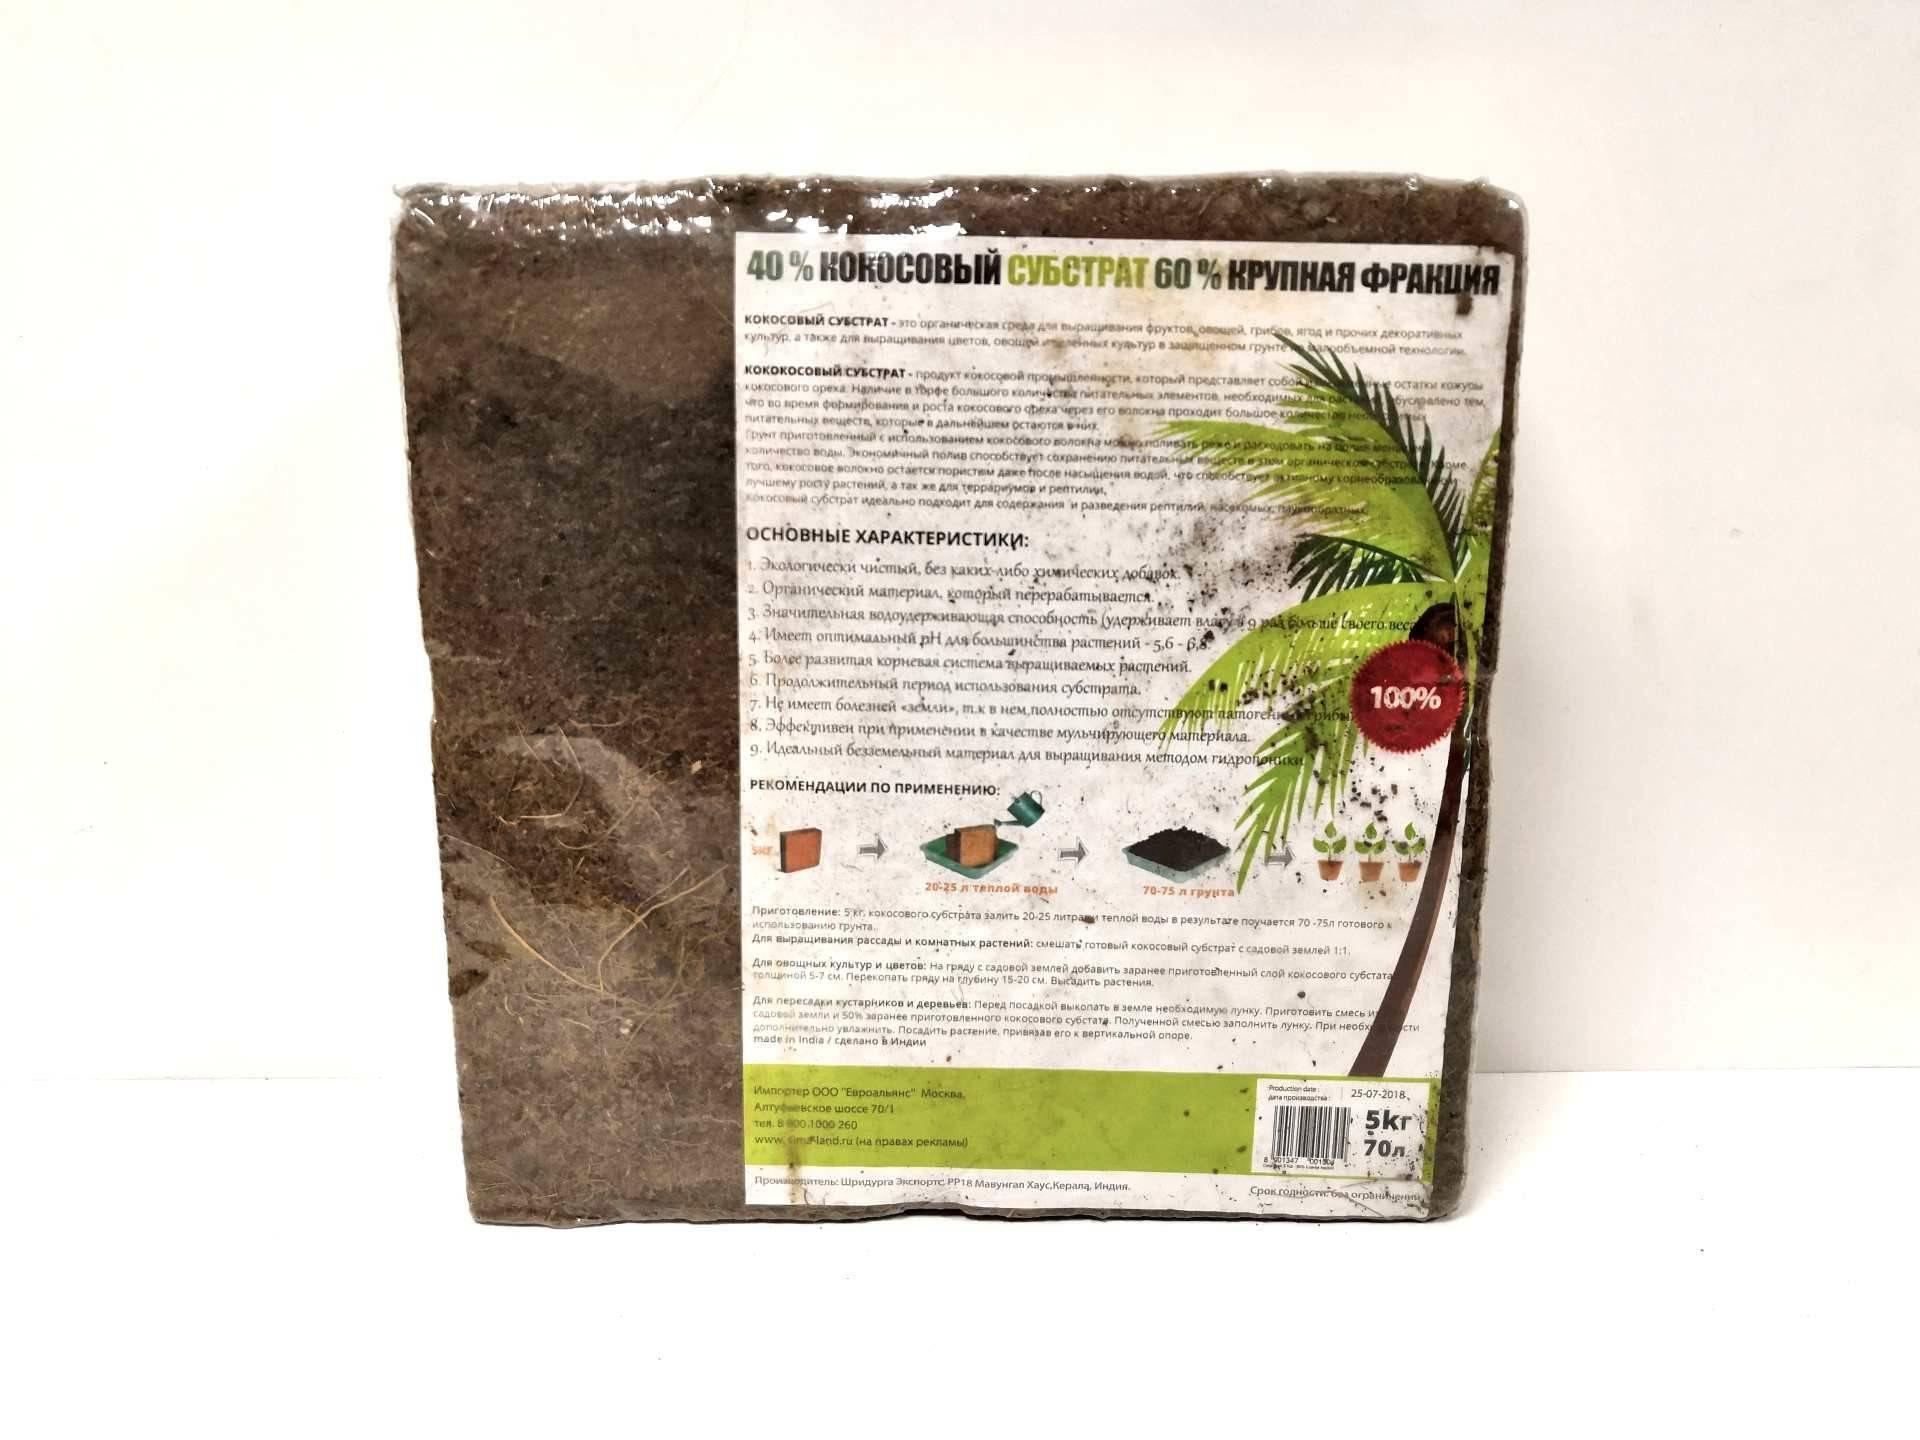 Правила использования кокосовых брикетов для рассады